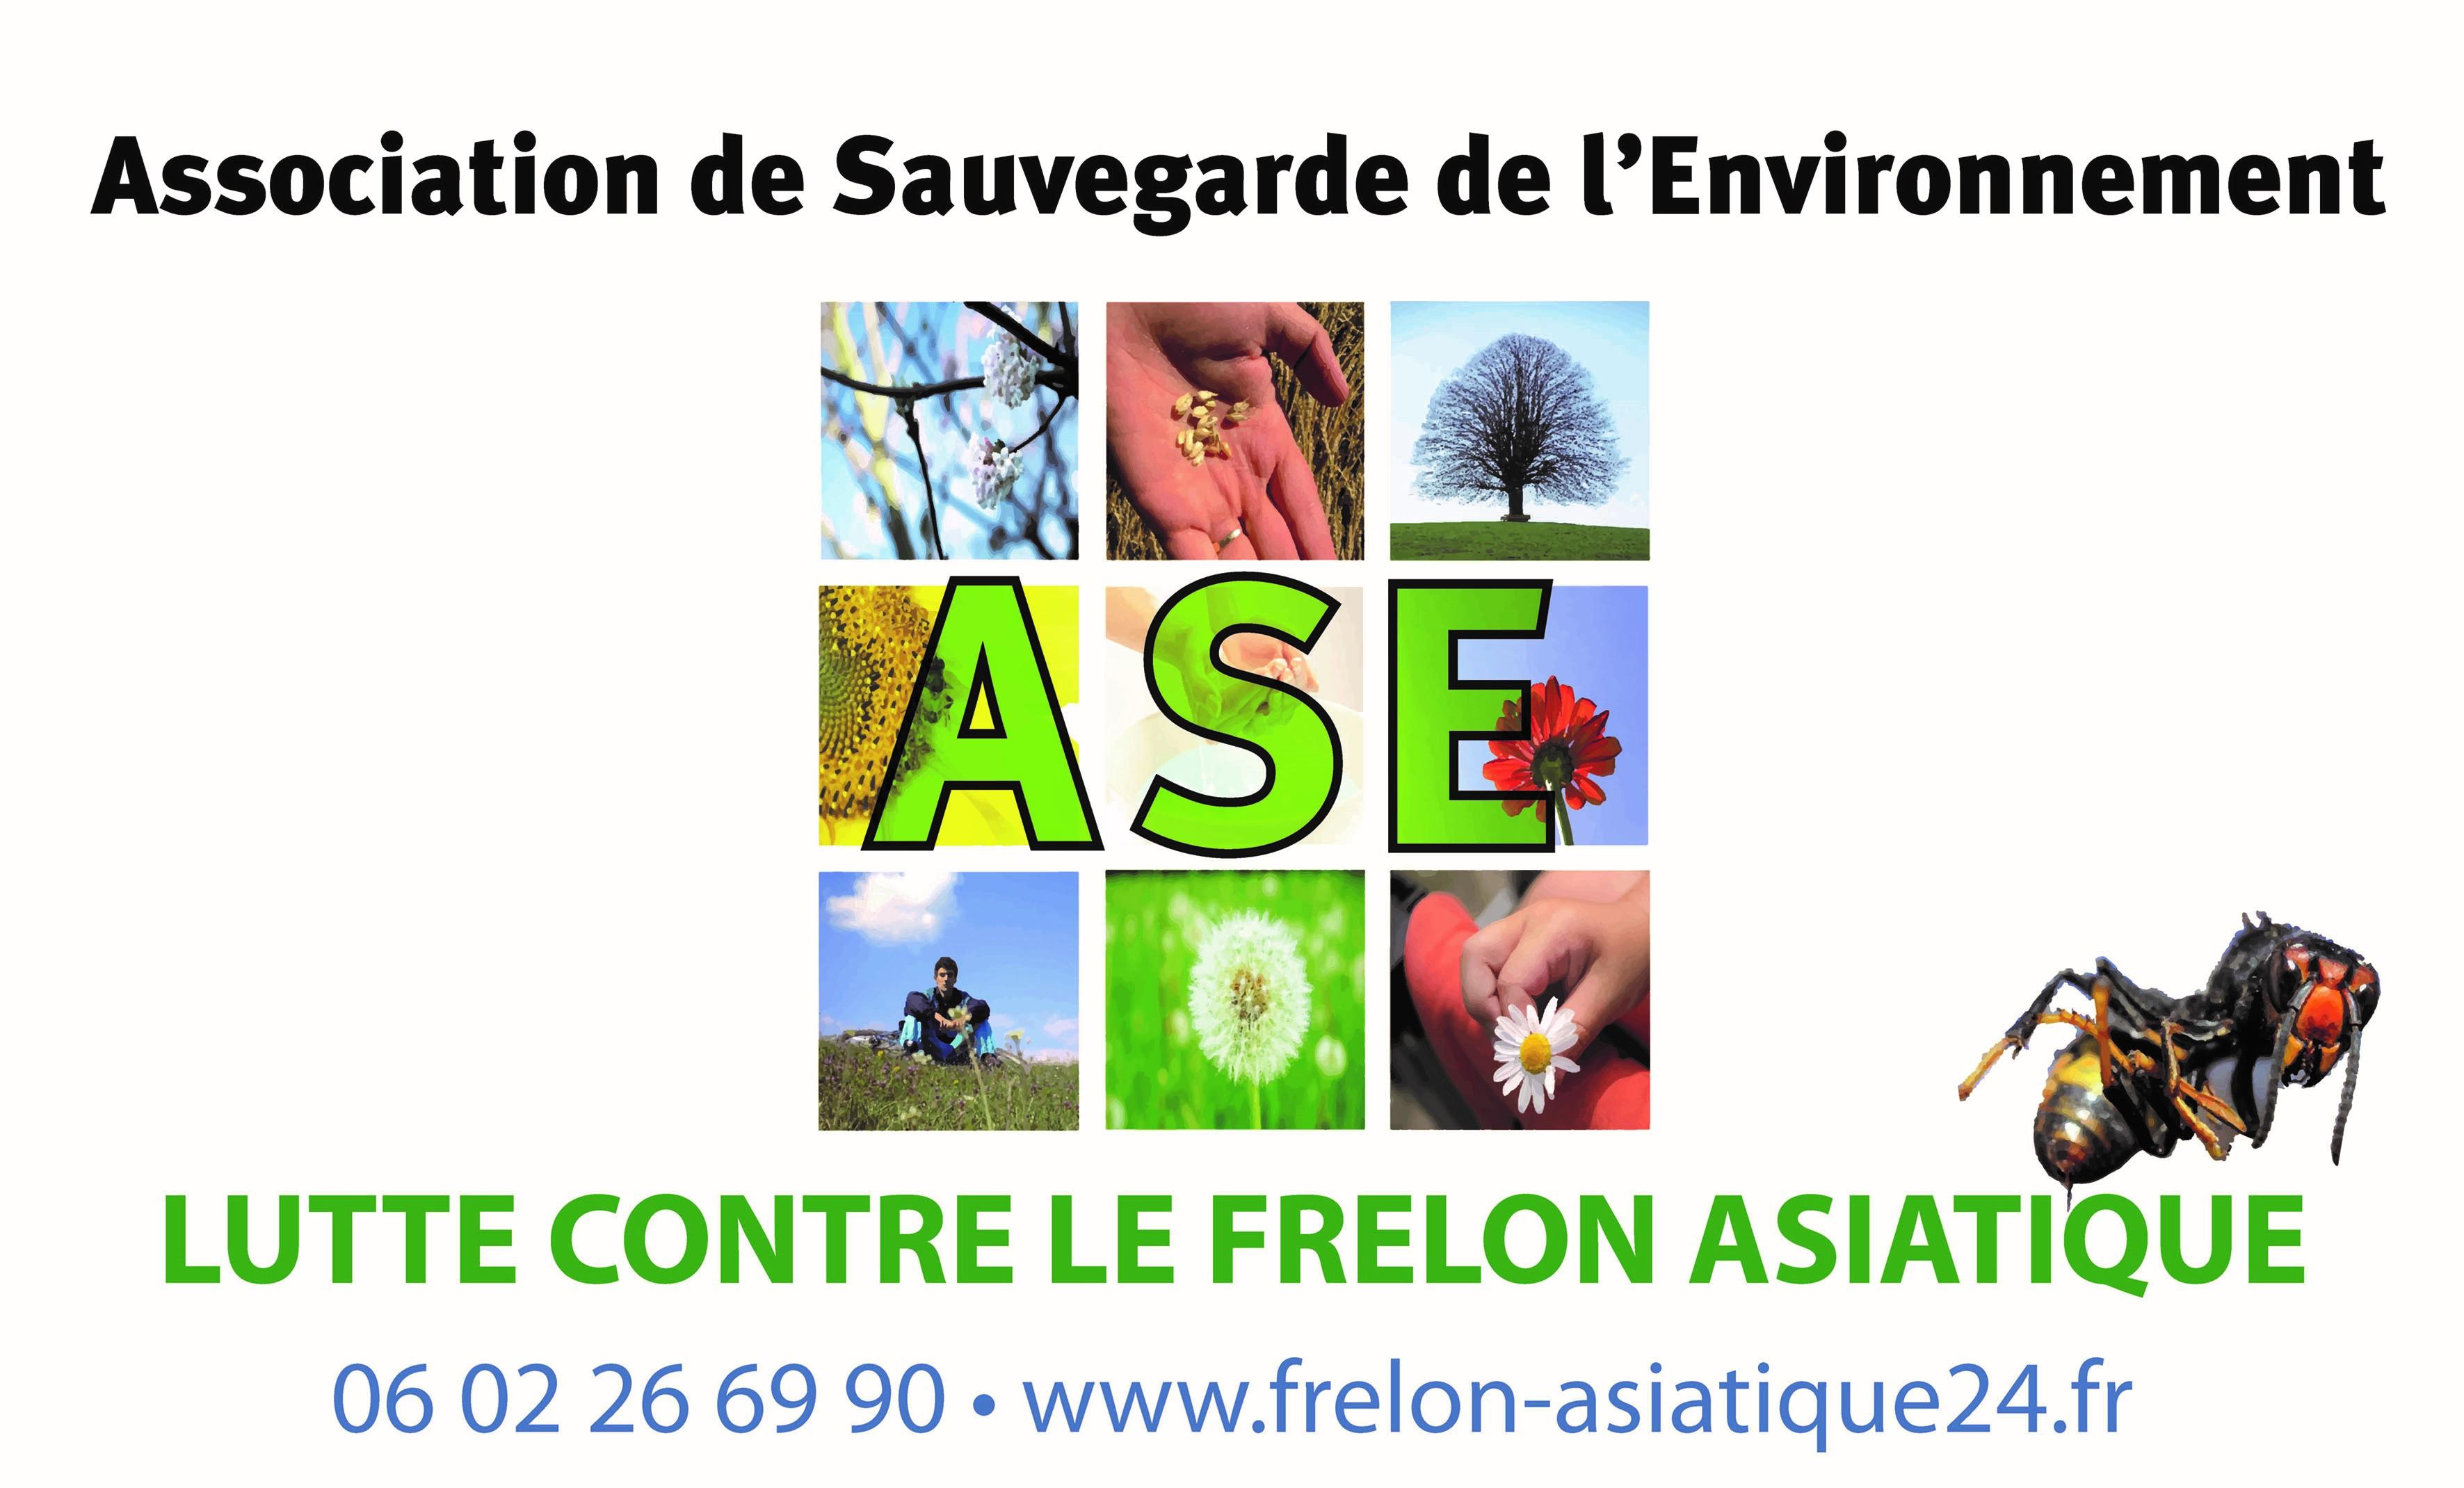 image représentant le logo de ASE